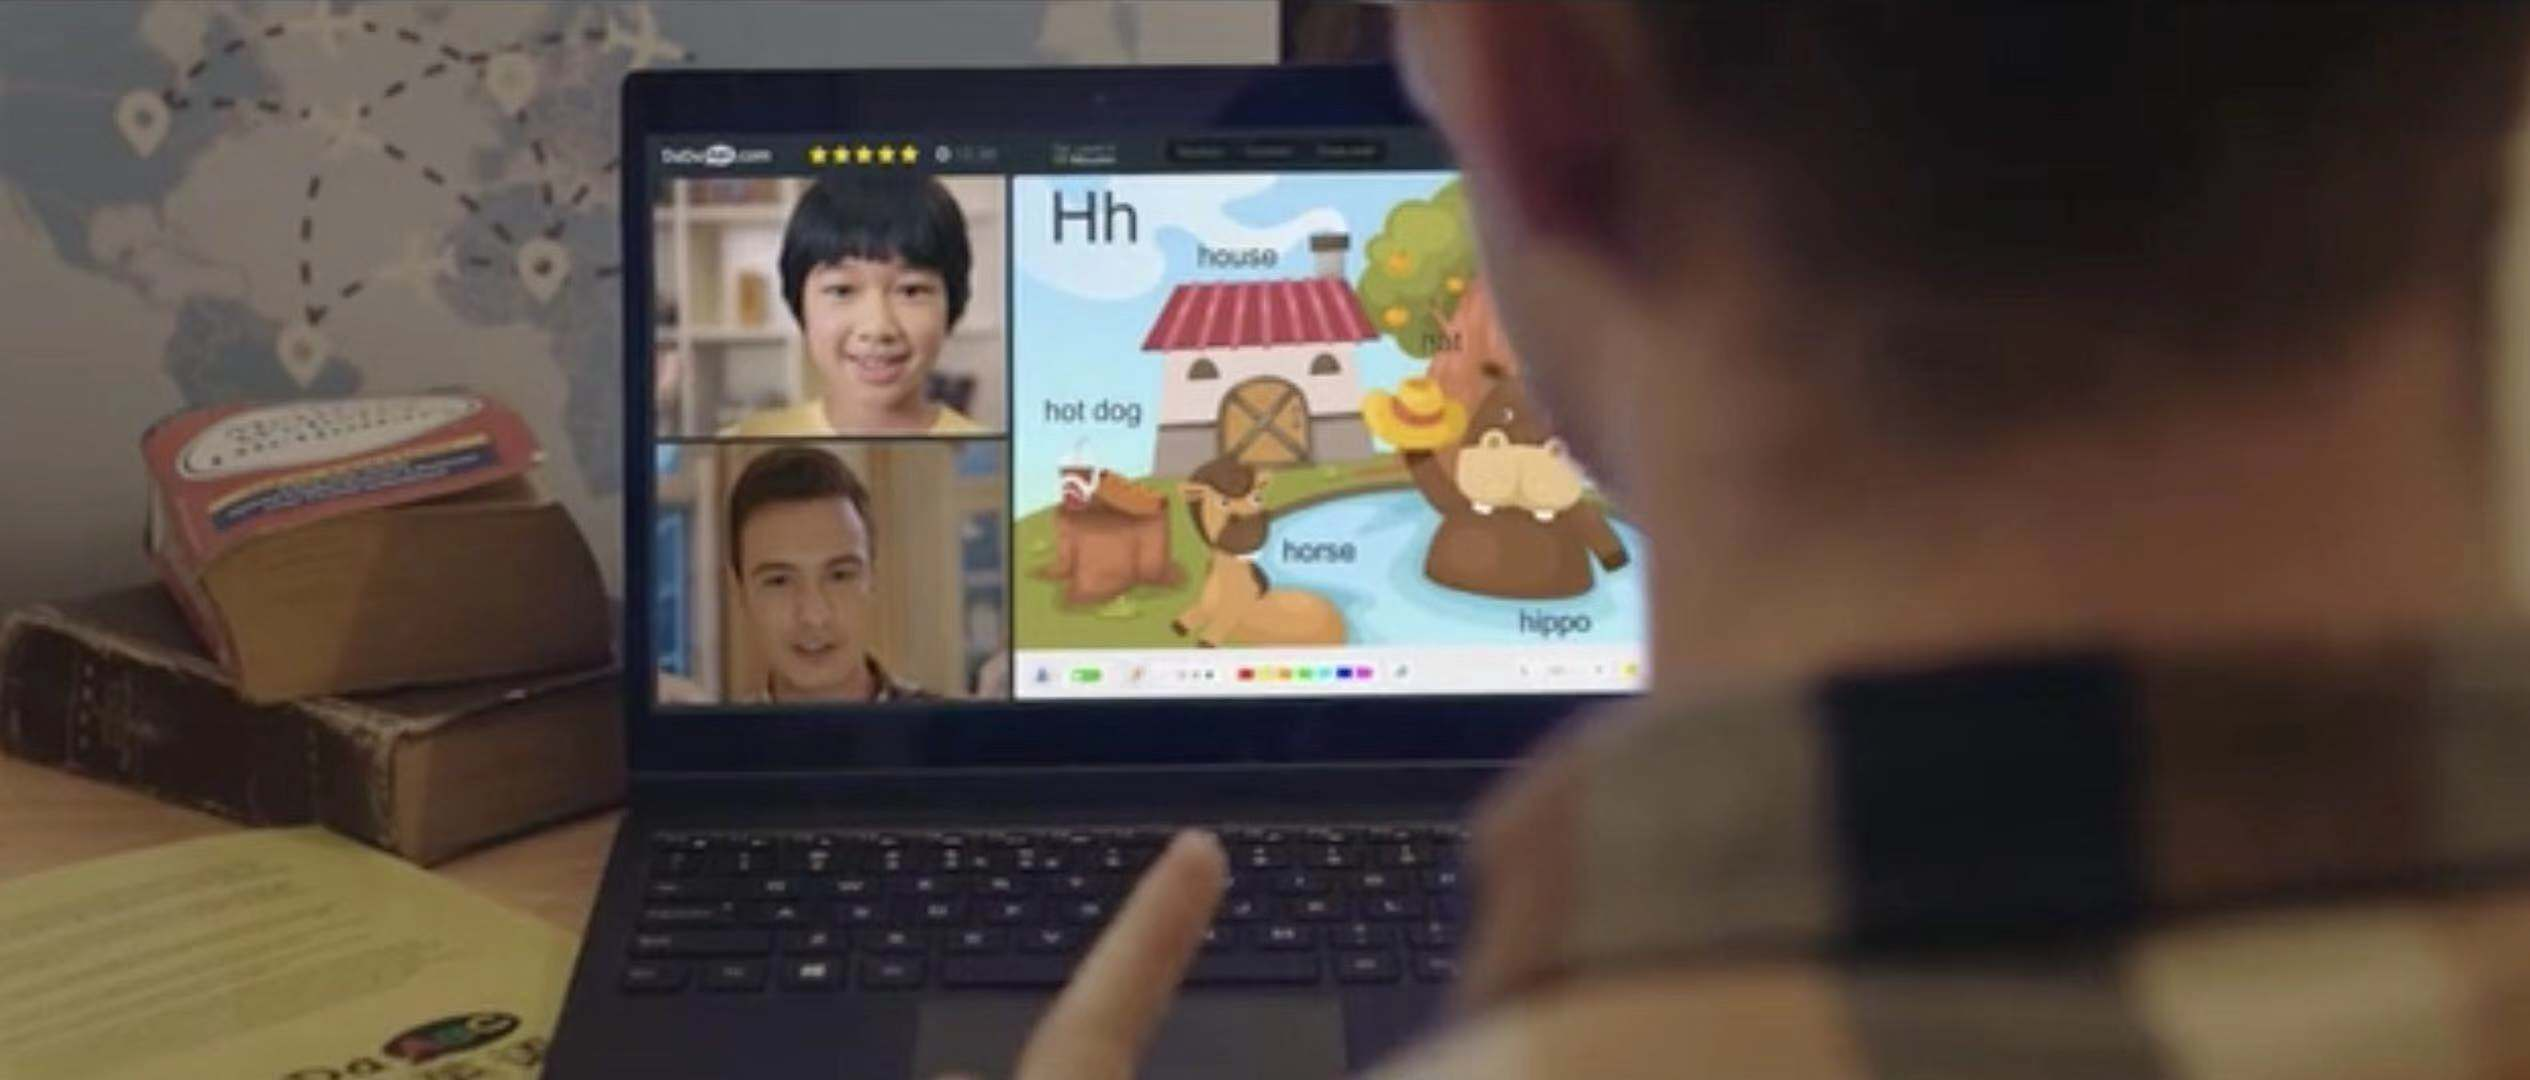 DaDa:陪伴式教学实现学习与情感交流强连接